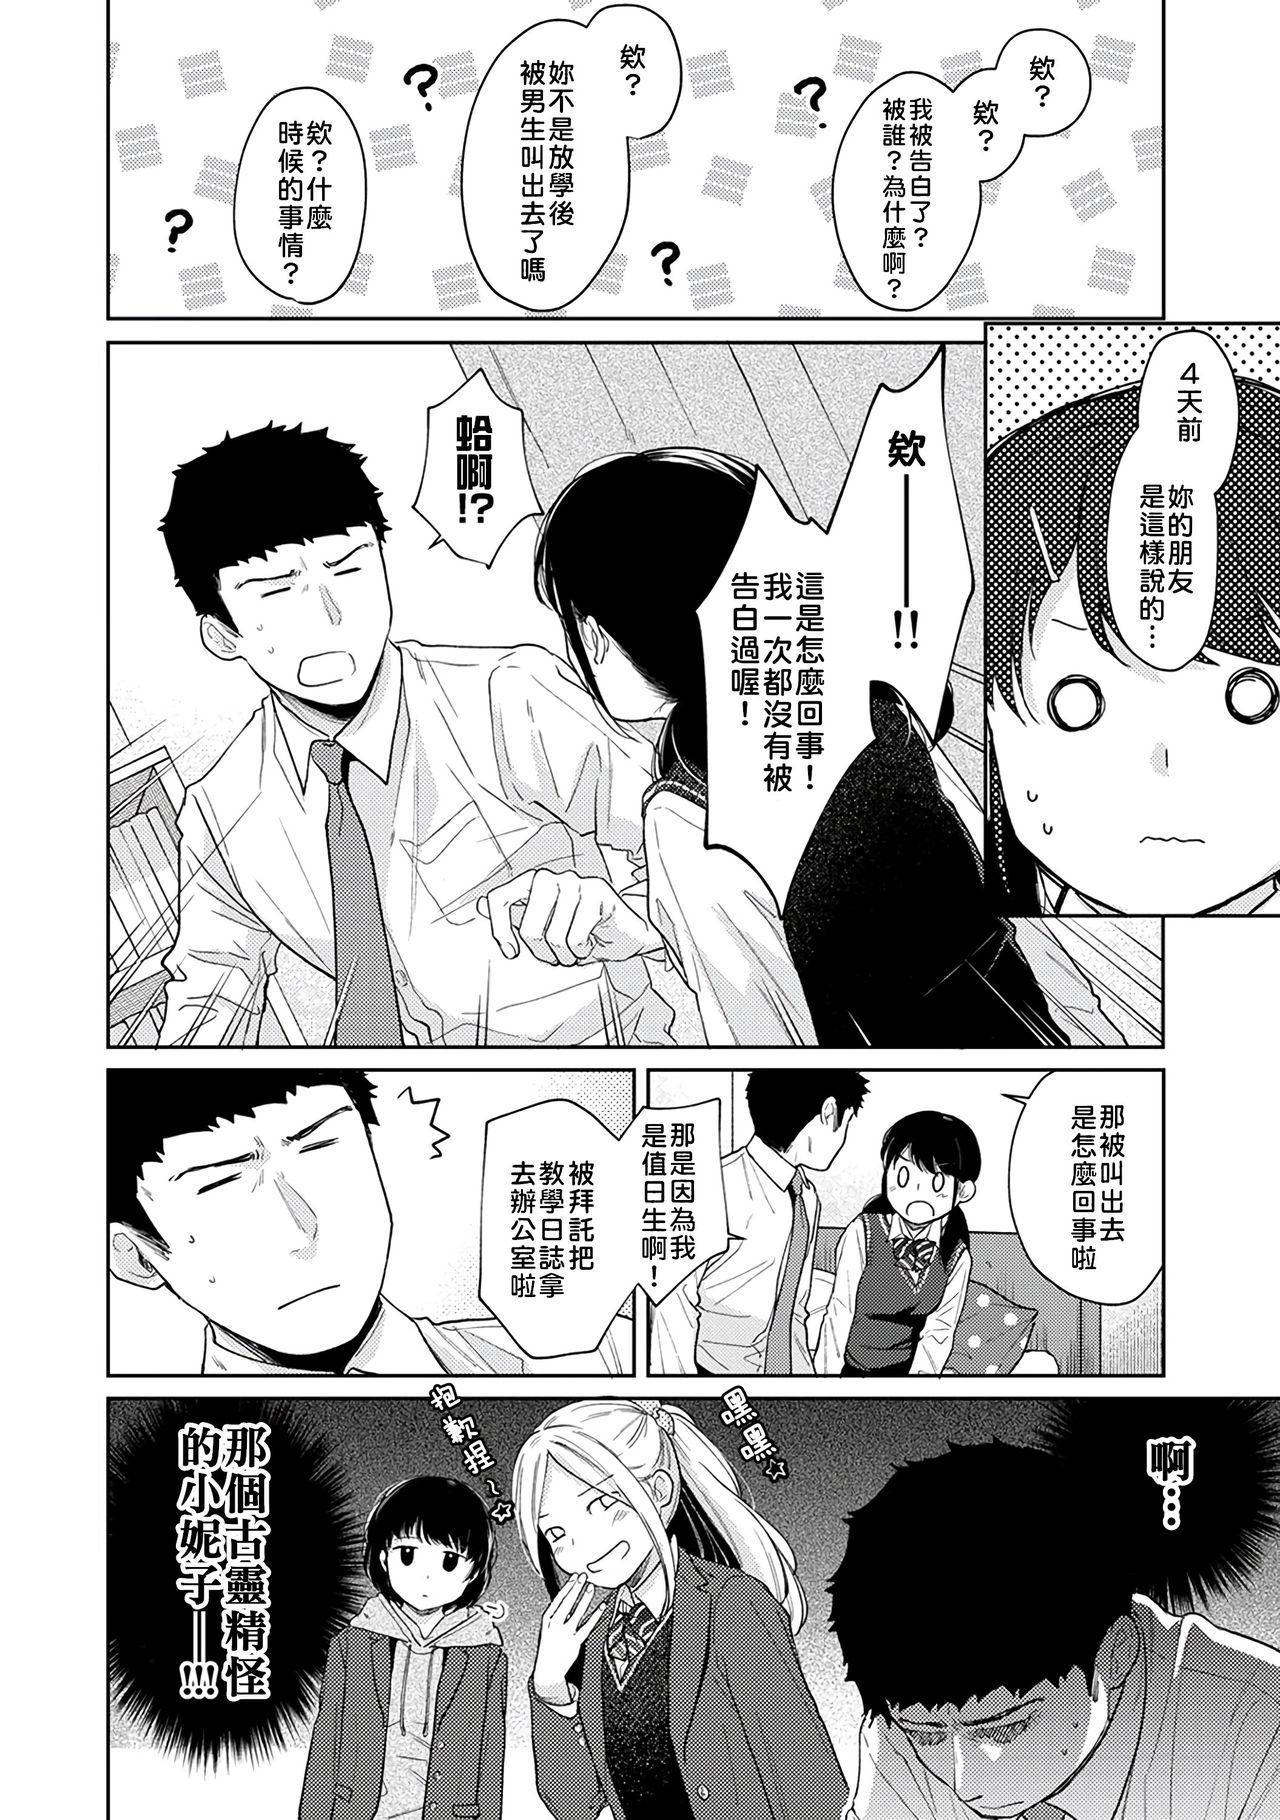 1LDK+JK Ikinari Doukyo? Micchaku!? Hatsu Ecchi!!?   1LDK+JK 突然間展開同居? 極度貼近!?初體驗!? Ch. 18-22 97